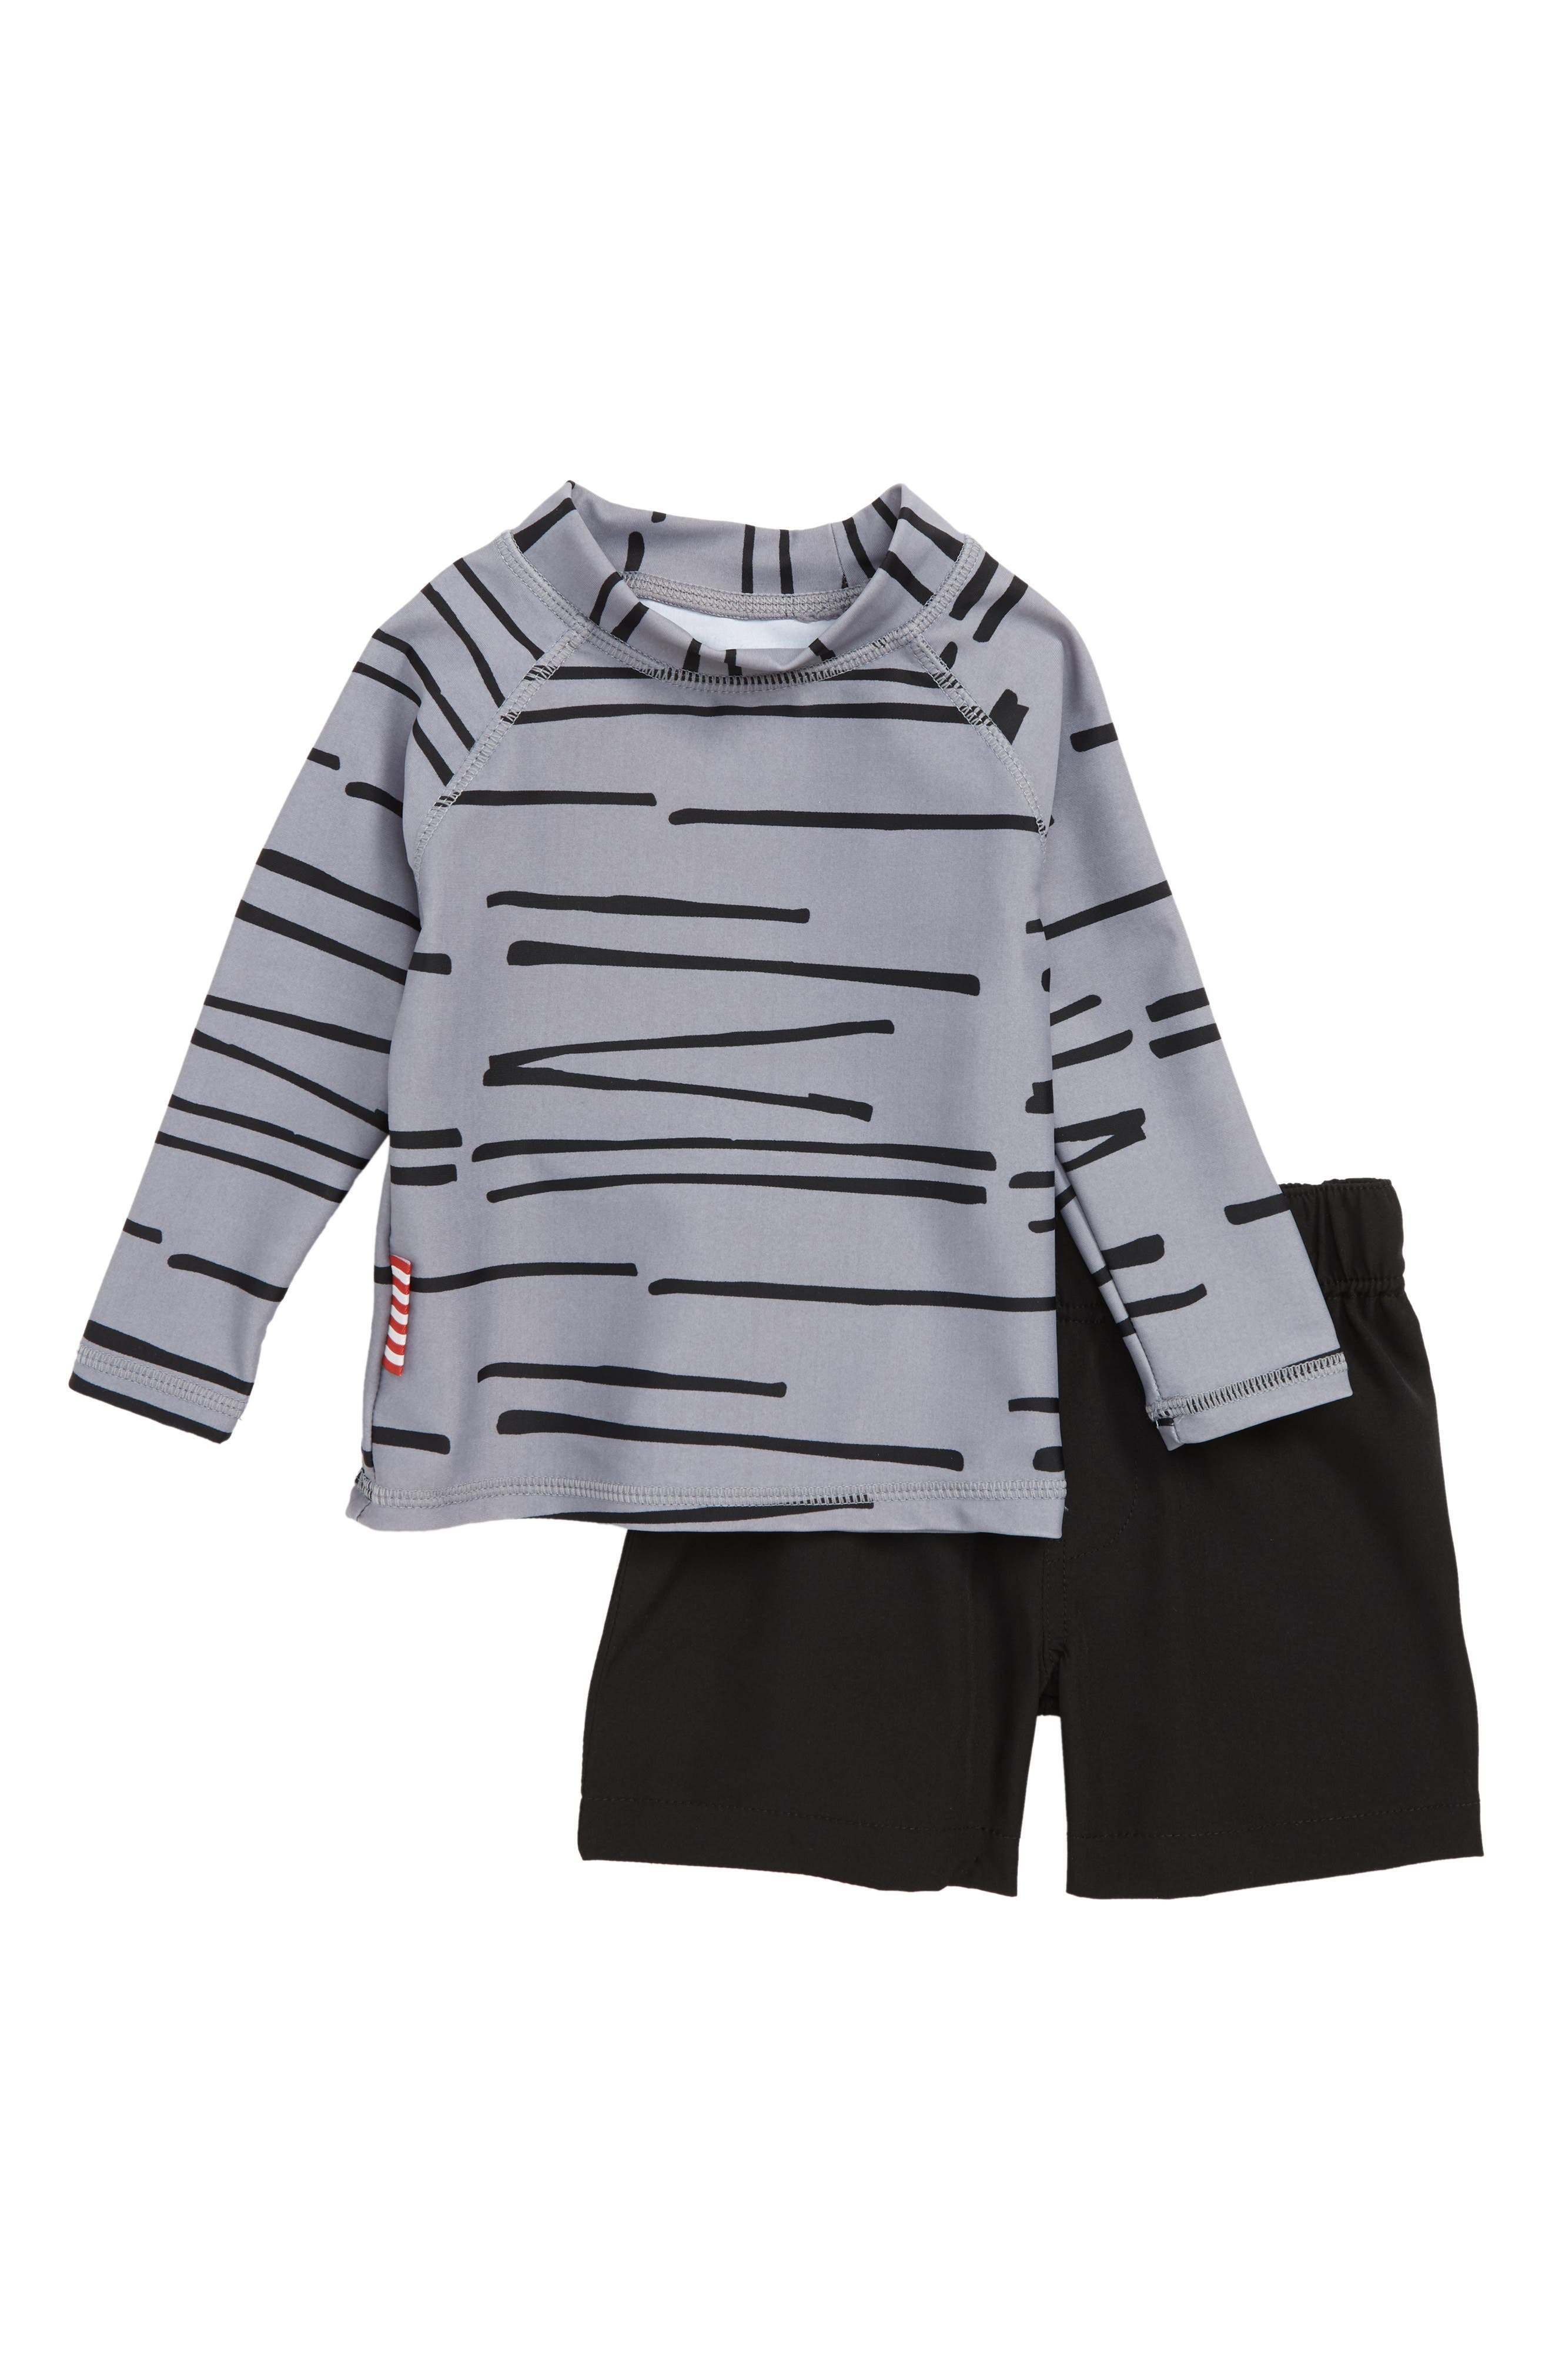 Tiger Stripe Rashguard & Board Shorts Set,                             Main thumbnail 1, color,                             Multi